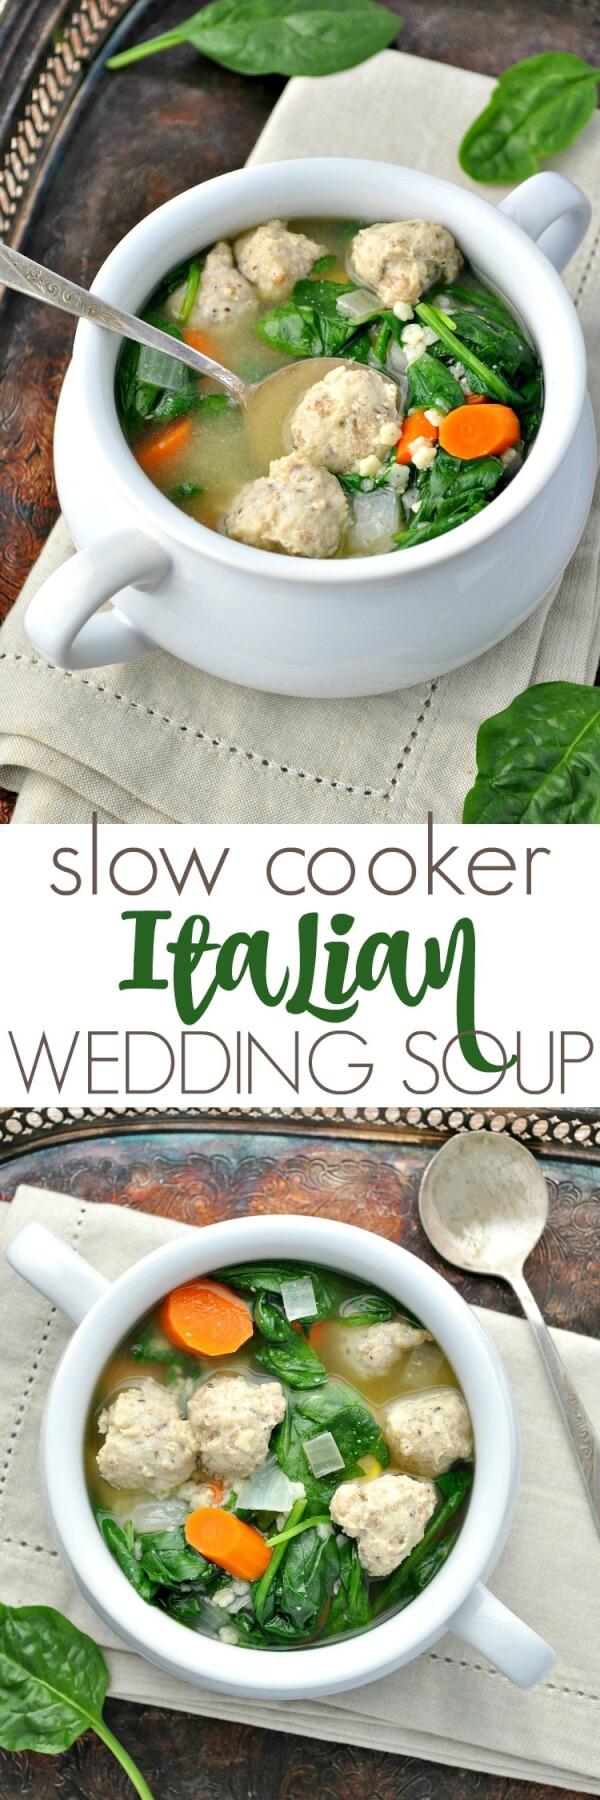 Clean Eating Crock Pot Recipes Index Crockpot italian